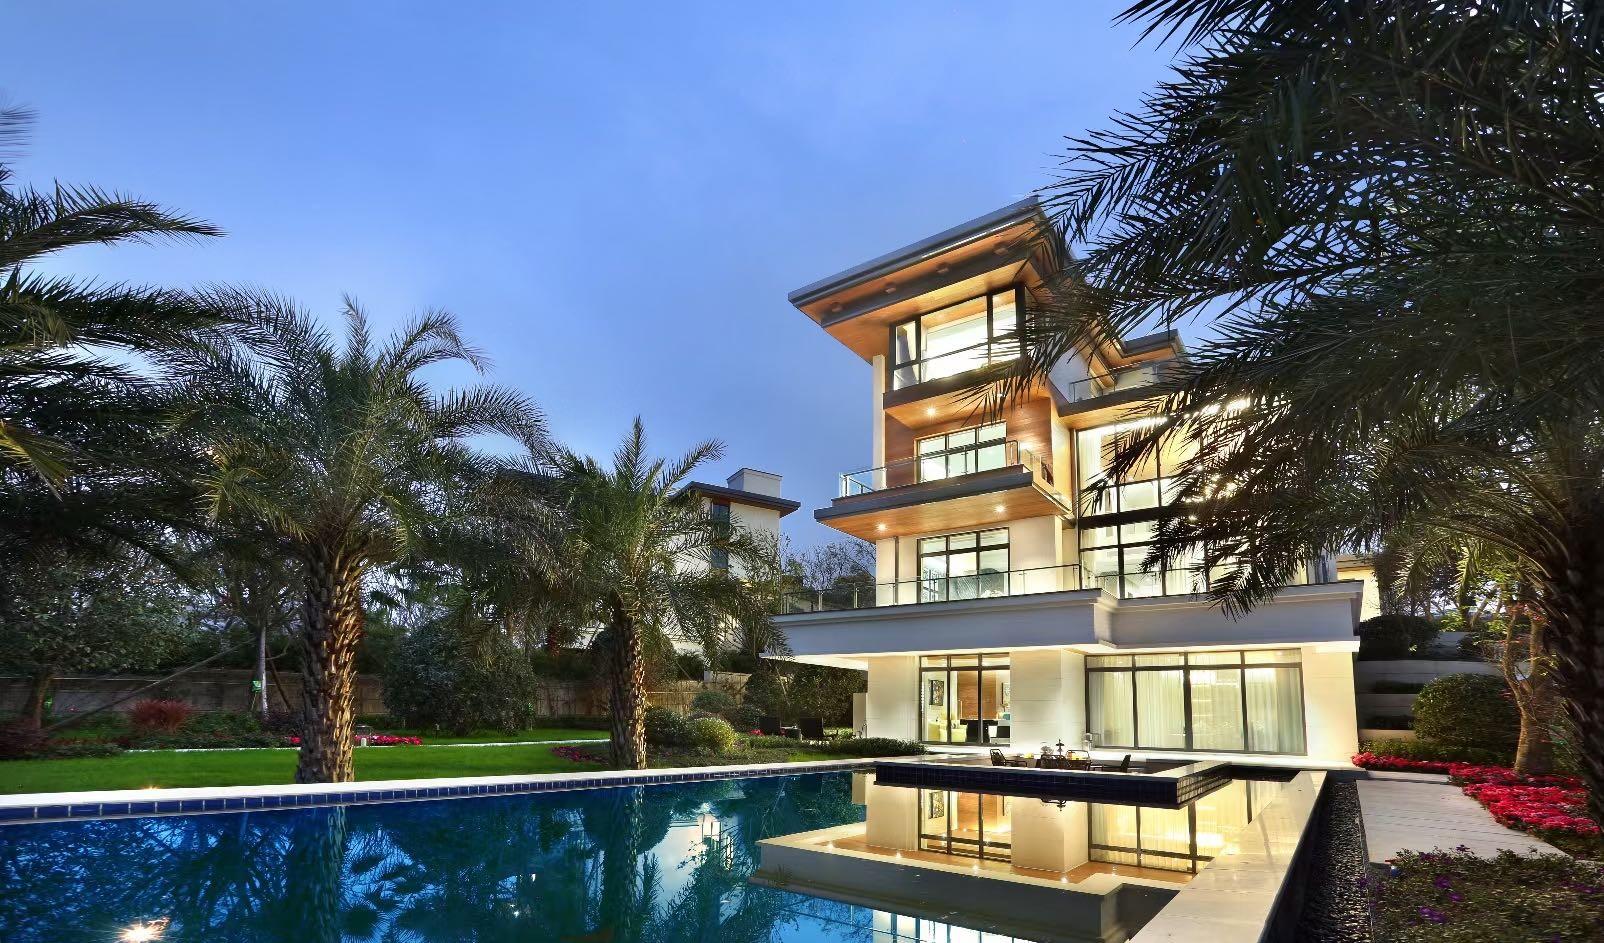 带装修7777元/㎡起,黑龙滩长岛的房子值不值得买?